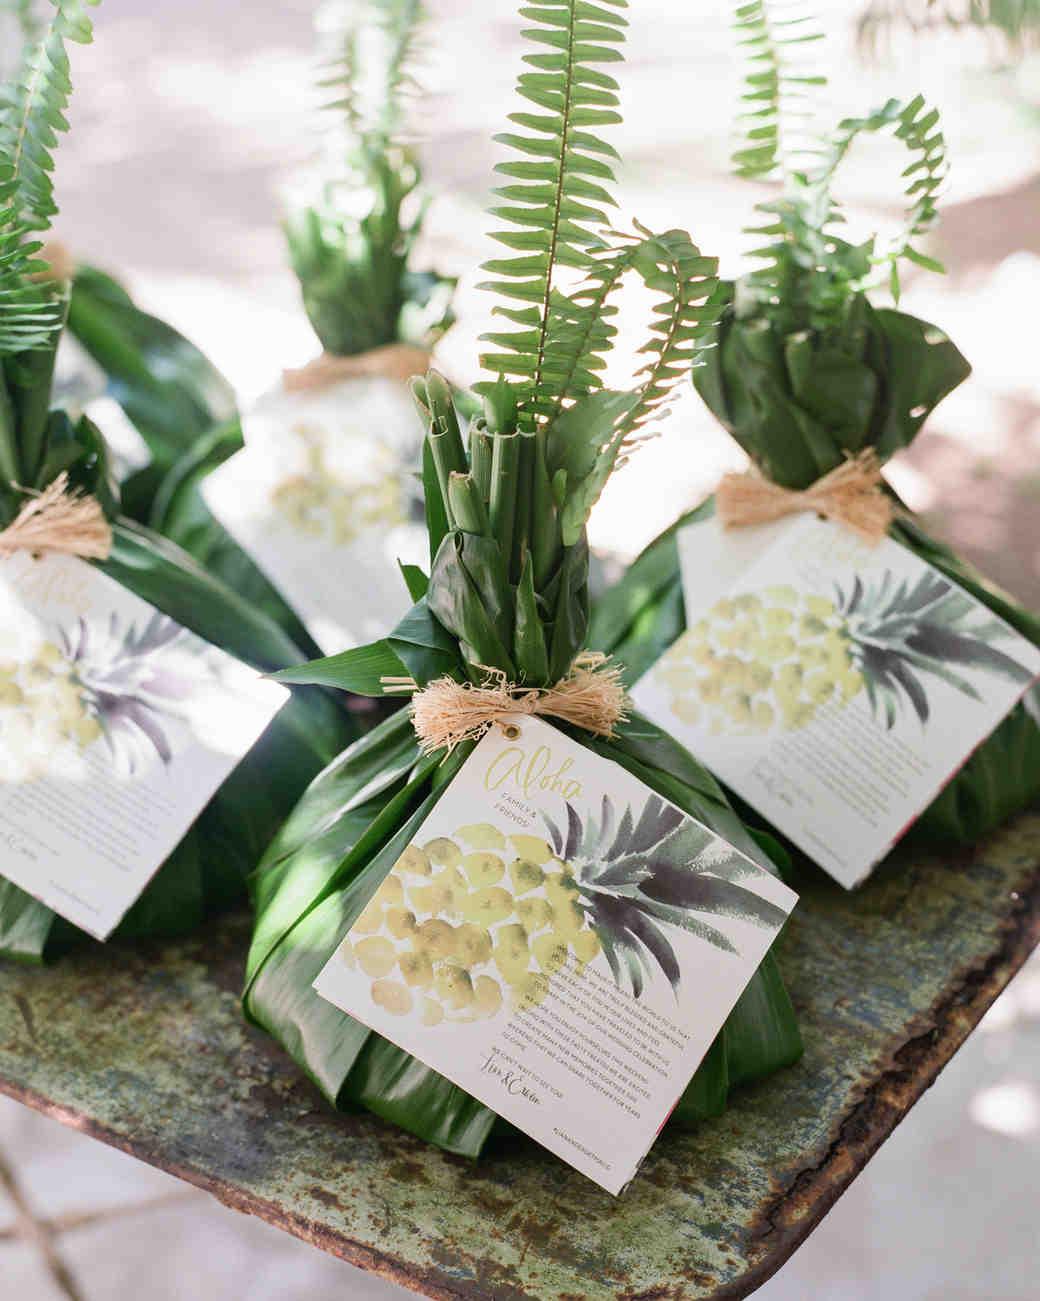 lian-erween-hawaii-wedding-0119-s112268.jpg